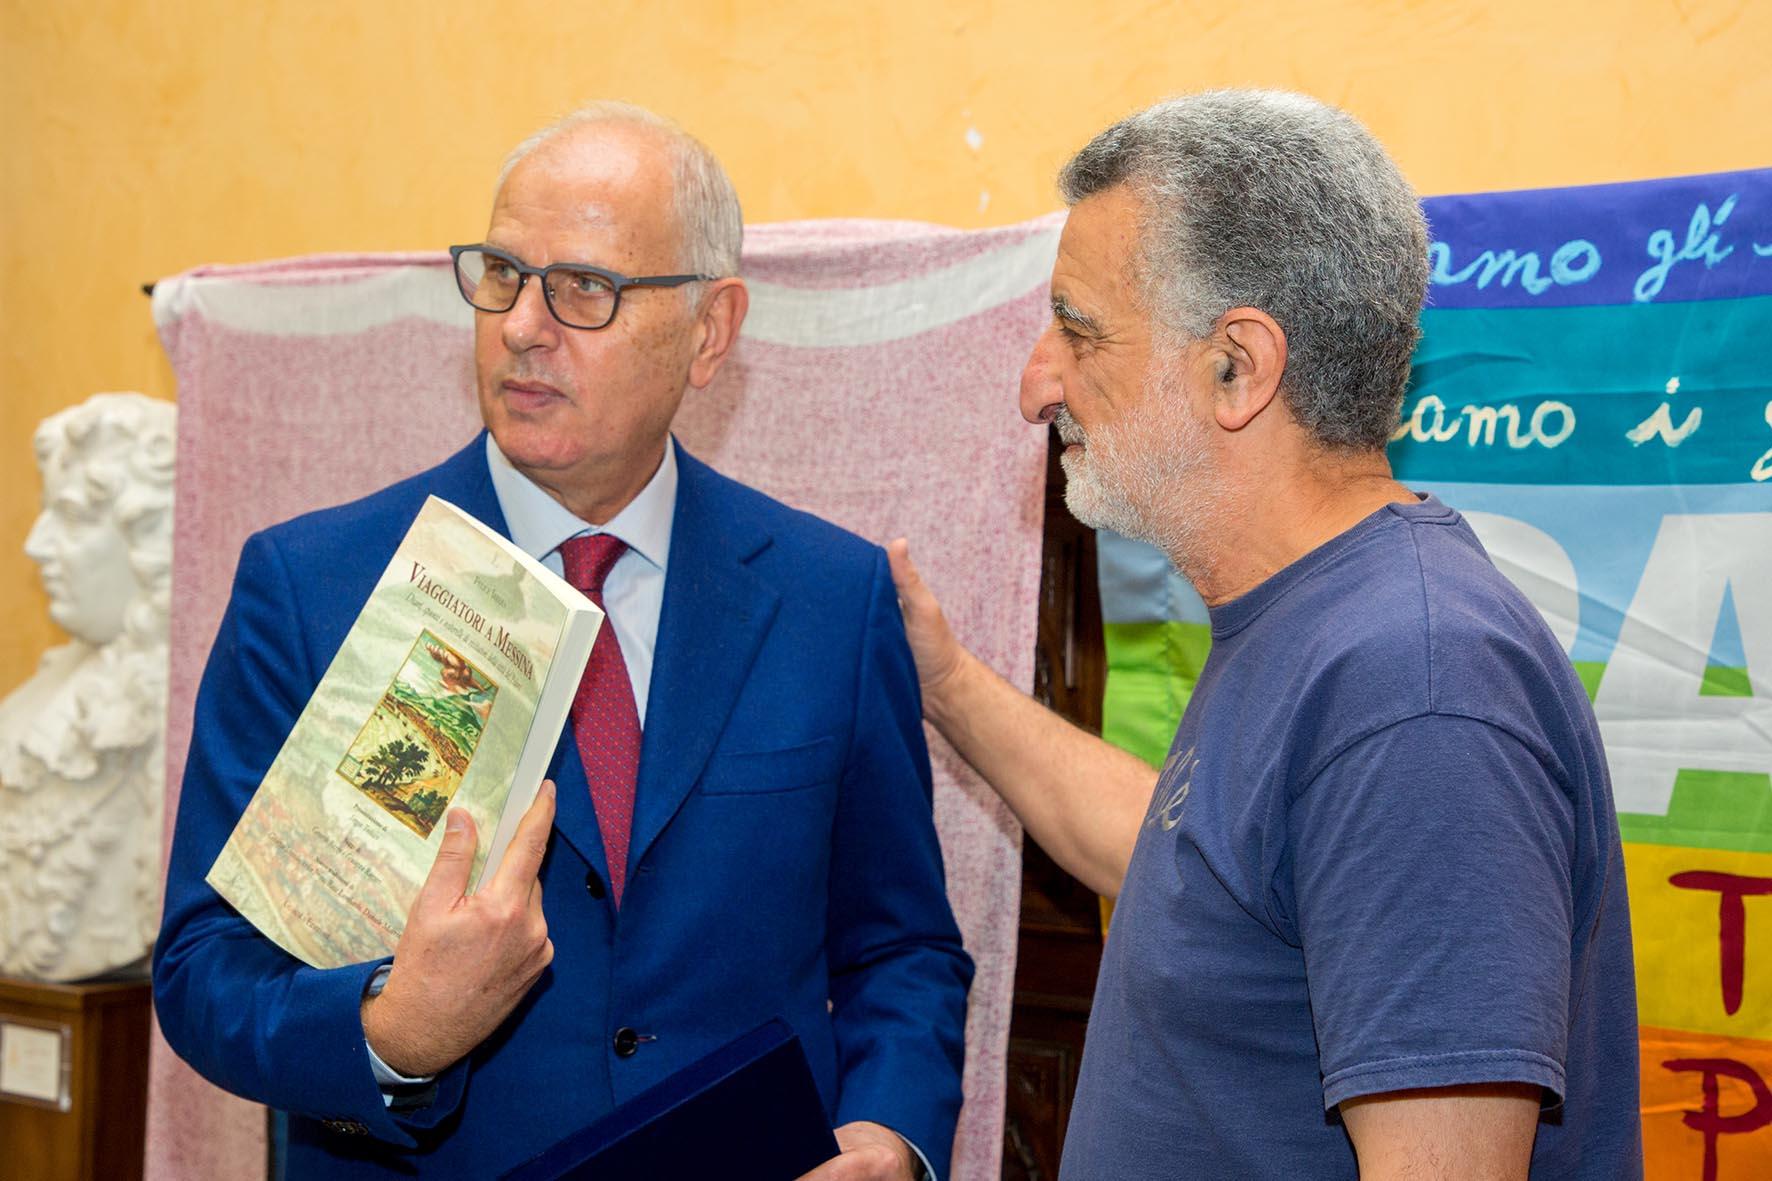 Bramanti acclamato Vicepresidente nel Consiglio Superiore Sanità. Palazzo Zanca lo premia